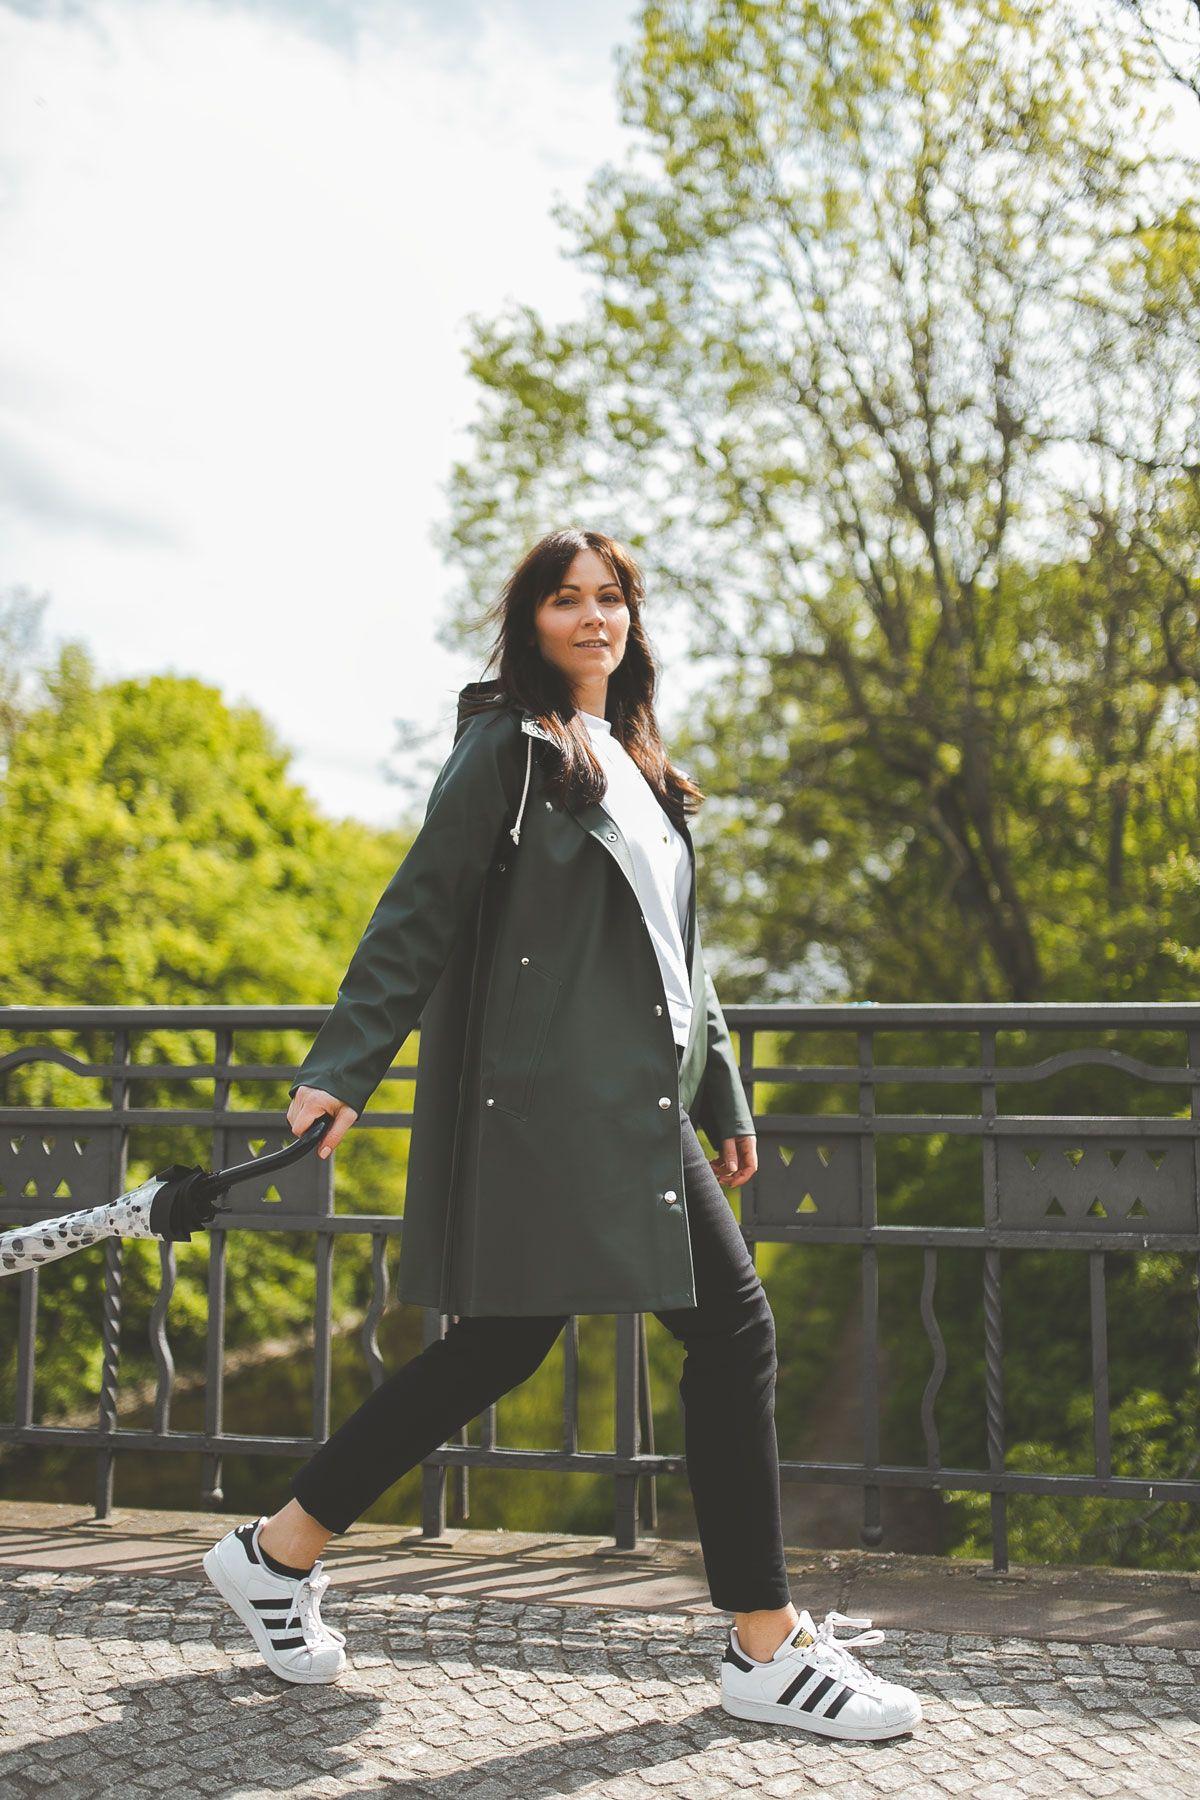 Für Green Regentage Mosebacke Stutterheim Dem Outfit Mit CErdxBeQWo